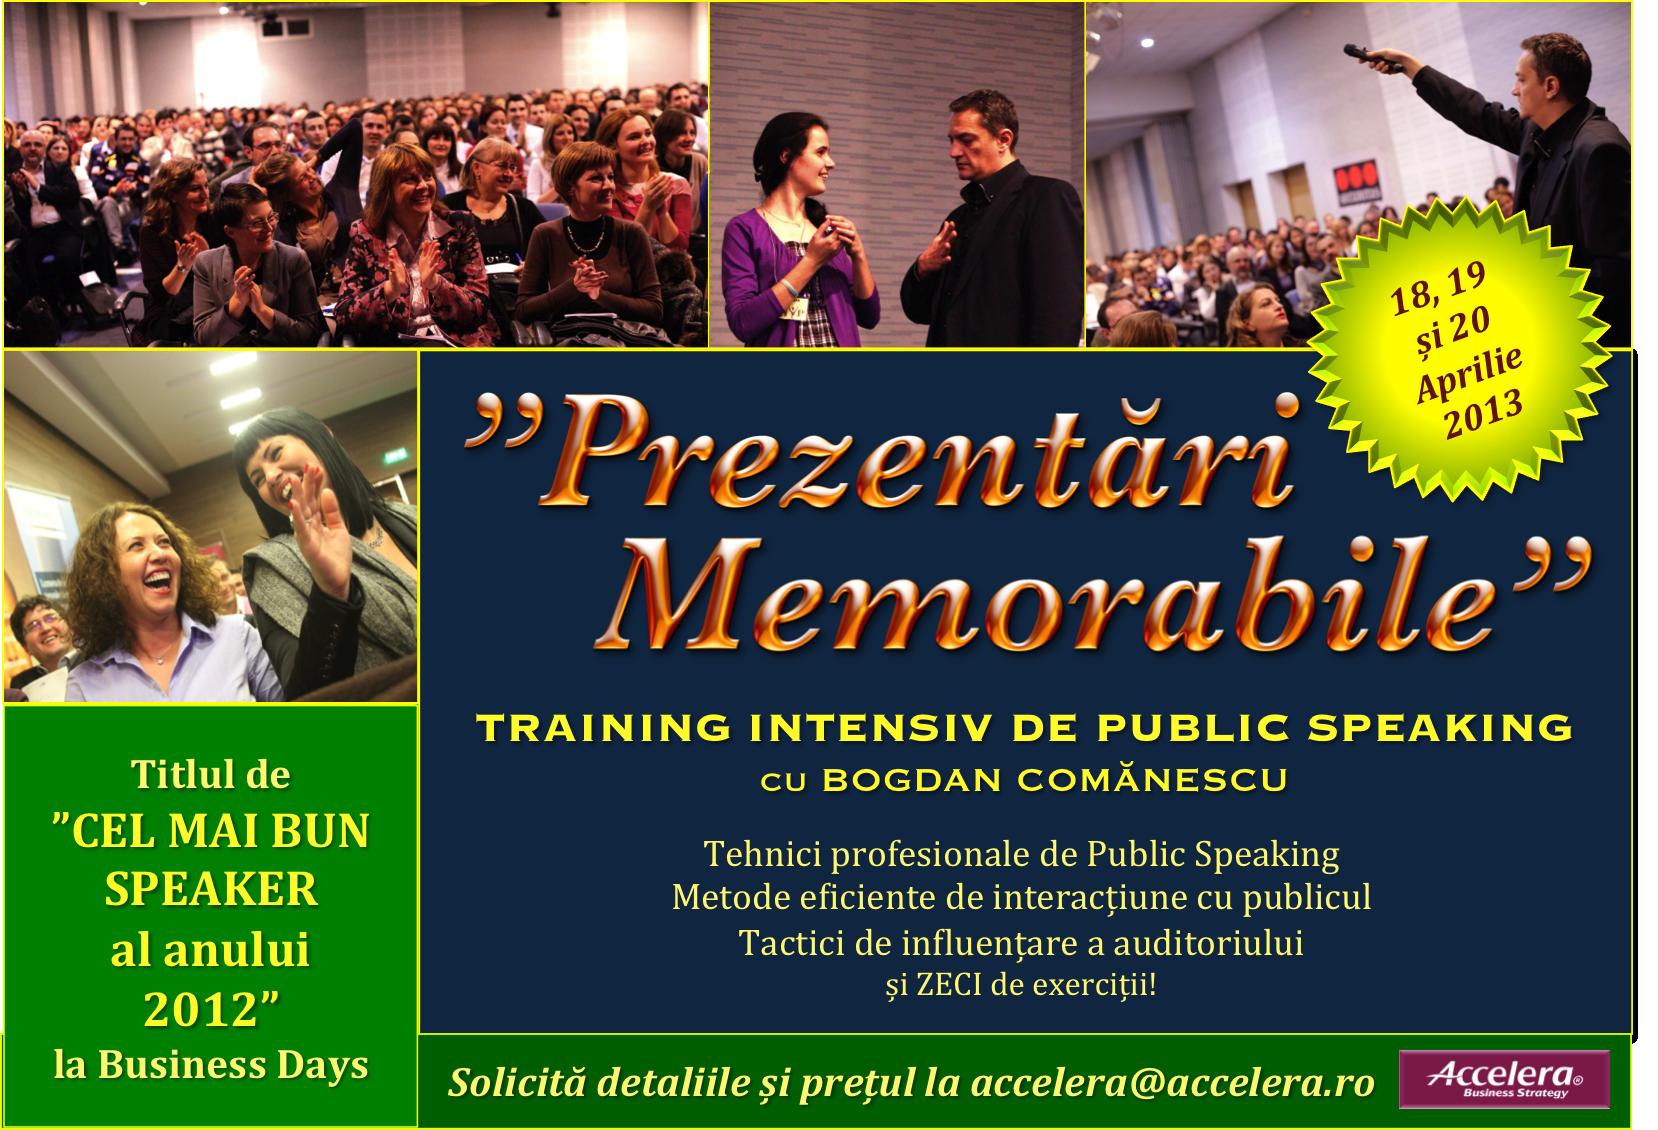 Accelera Public Speaking